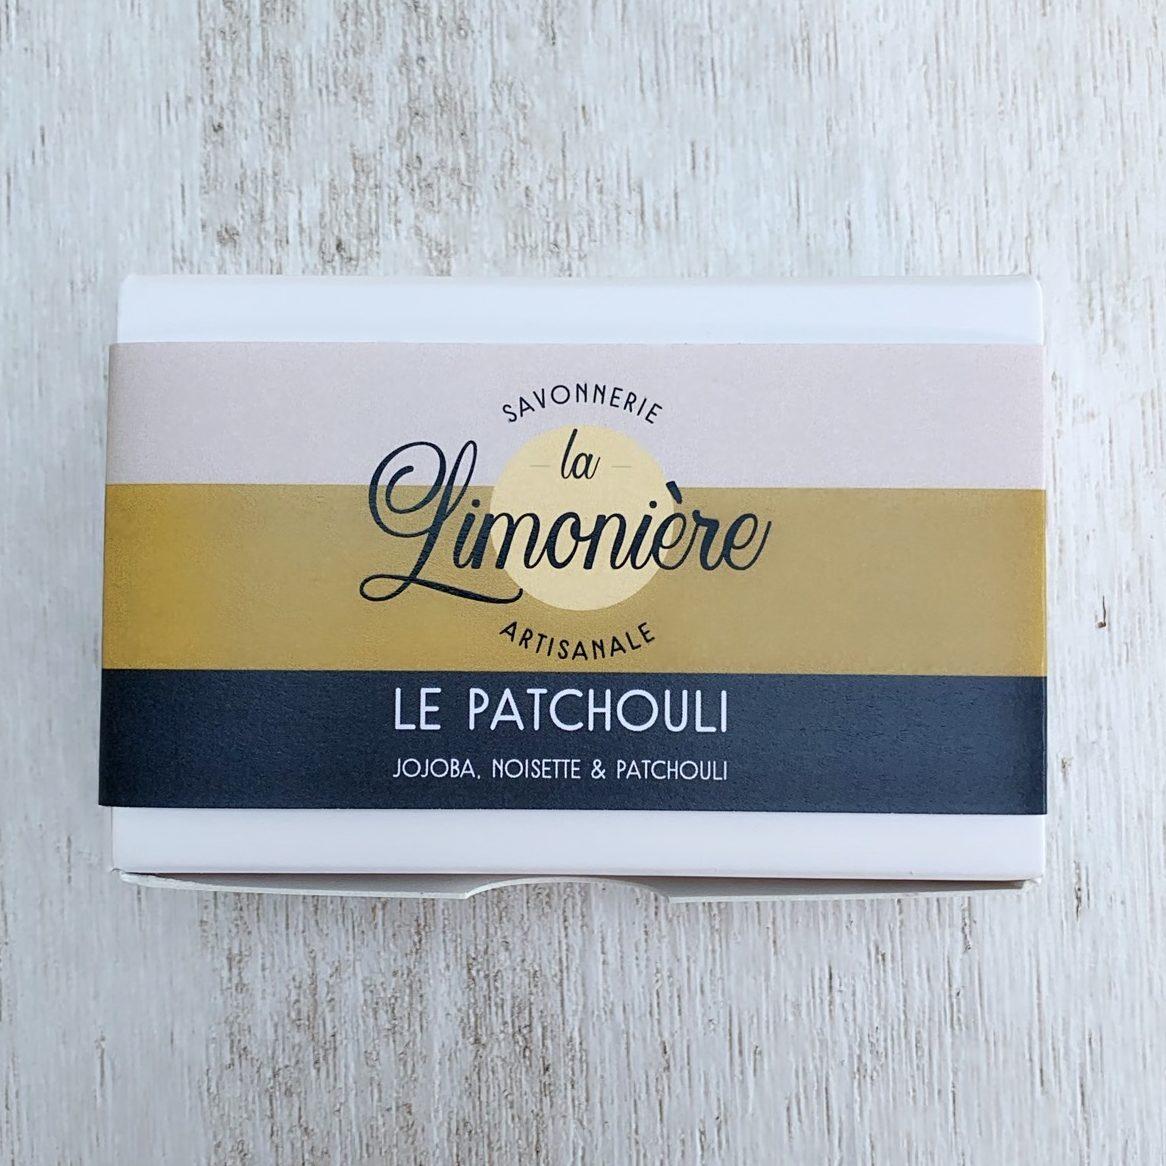 SAVONNERIE-LA-LIMONIERE-savon-patchouli-3